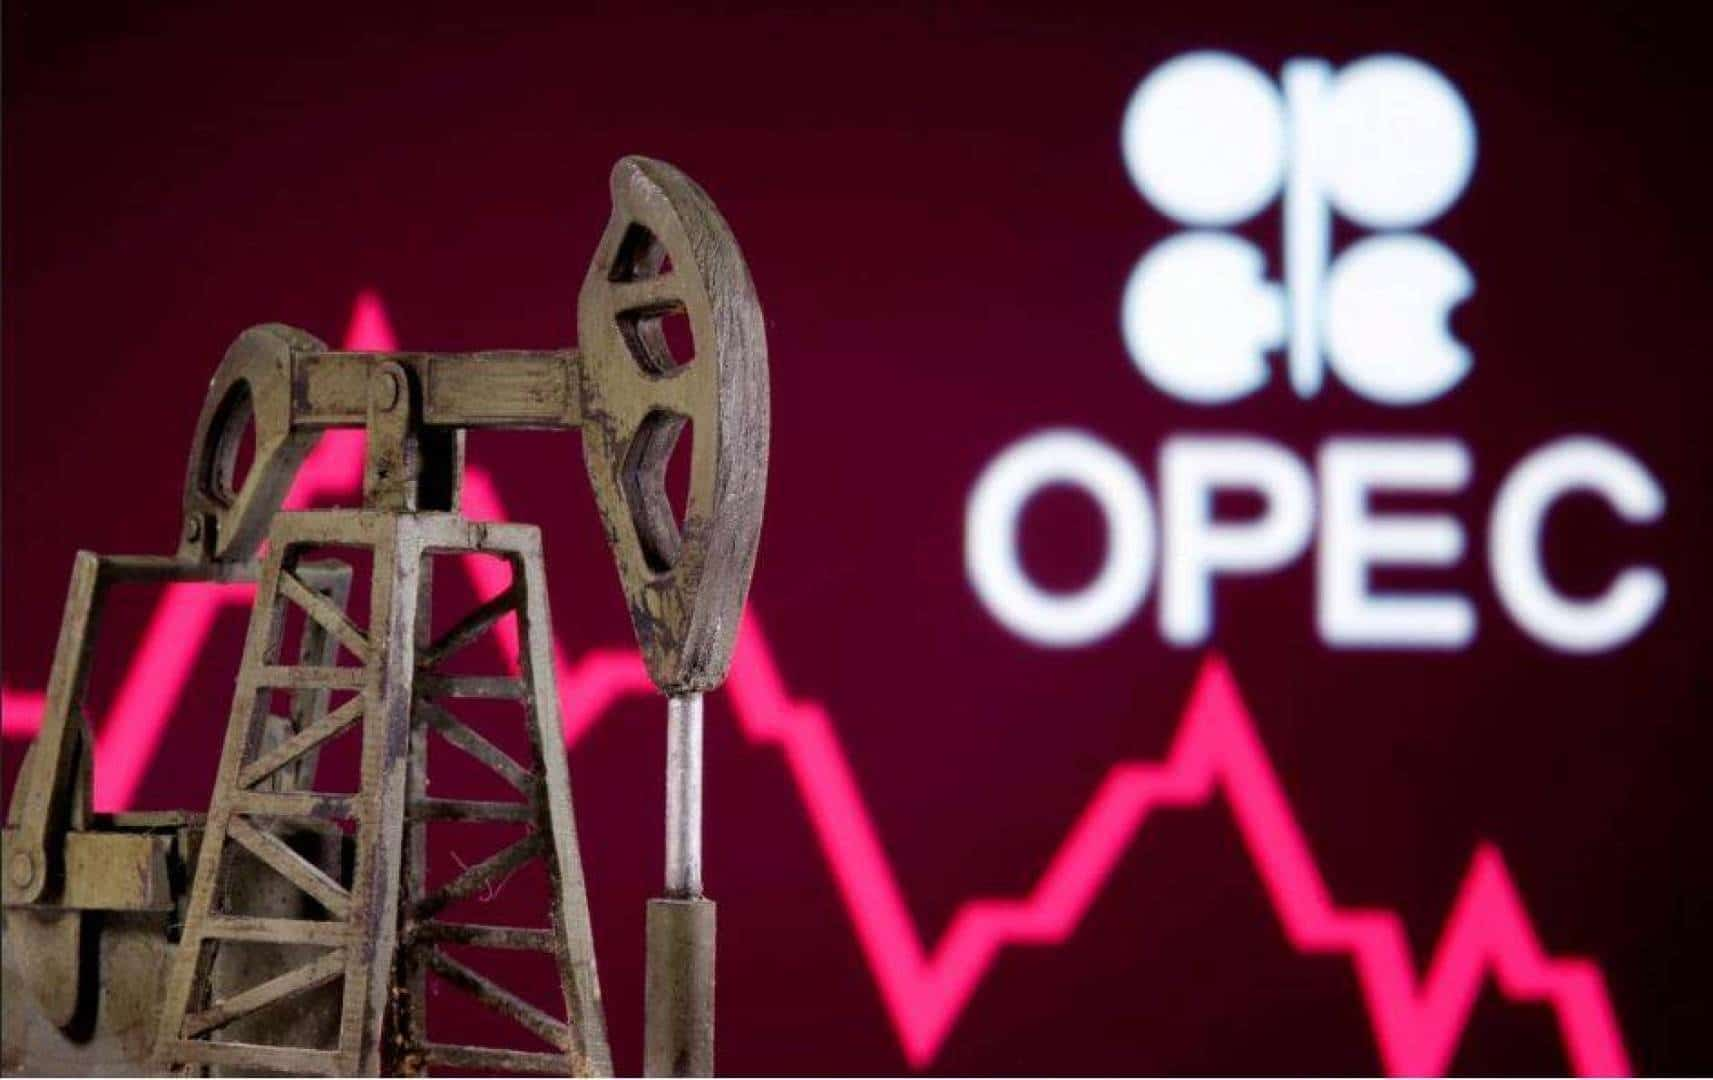 ارتفاع أسعار النفط بسبب الخلاف بين السعودية والإمارات